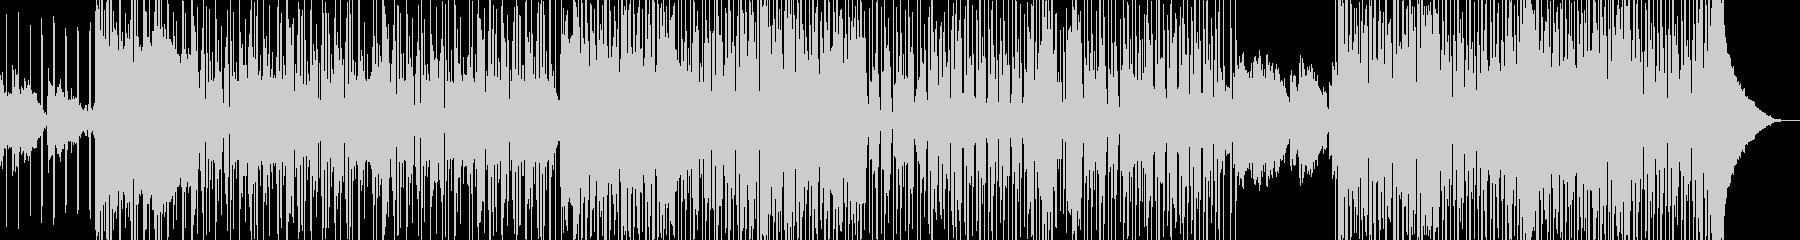 オシャレR&B・後半リズム変化・シンセ有の未再生の波形